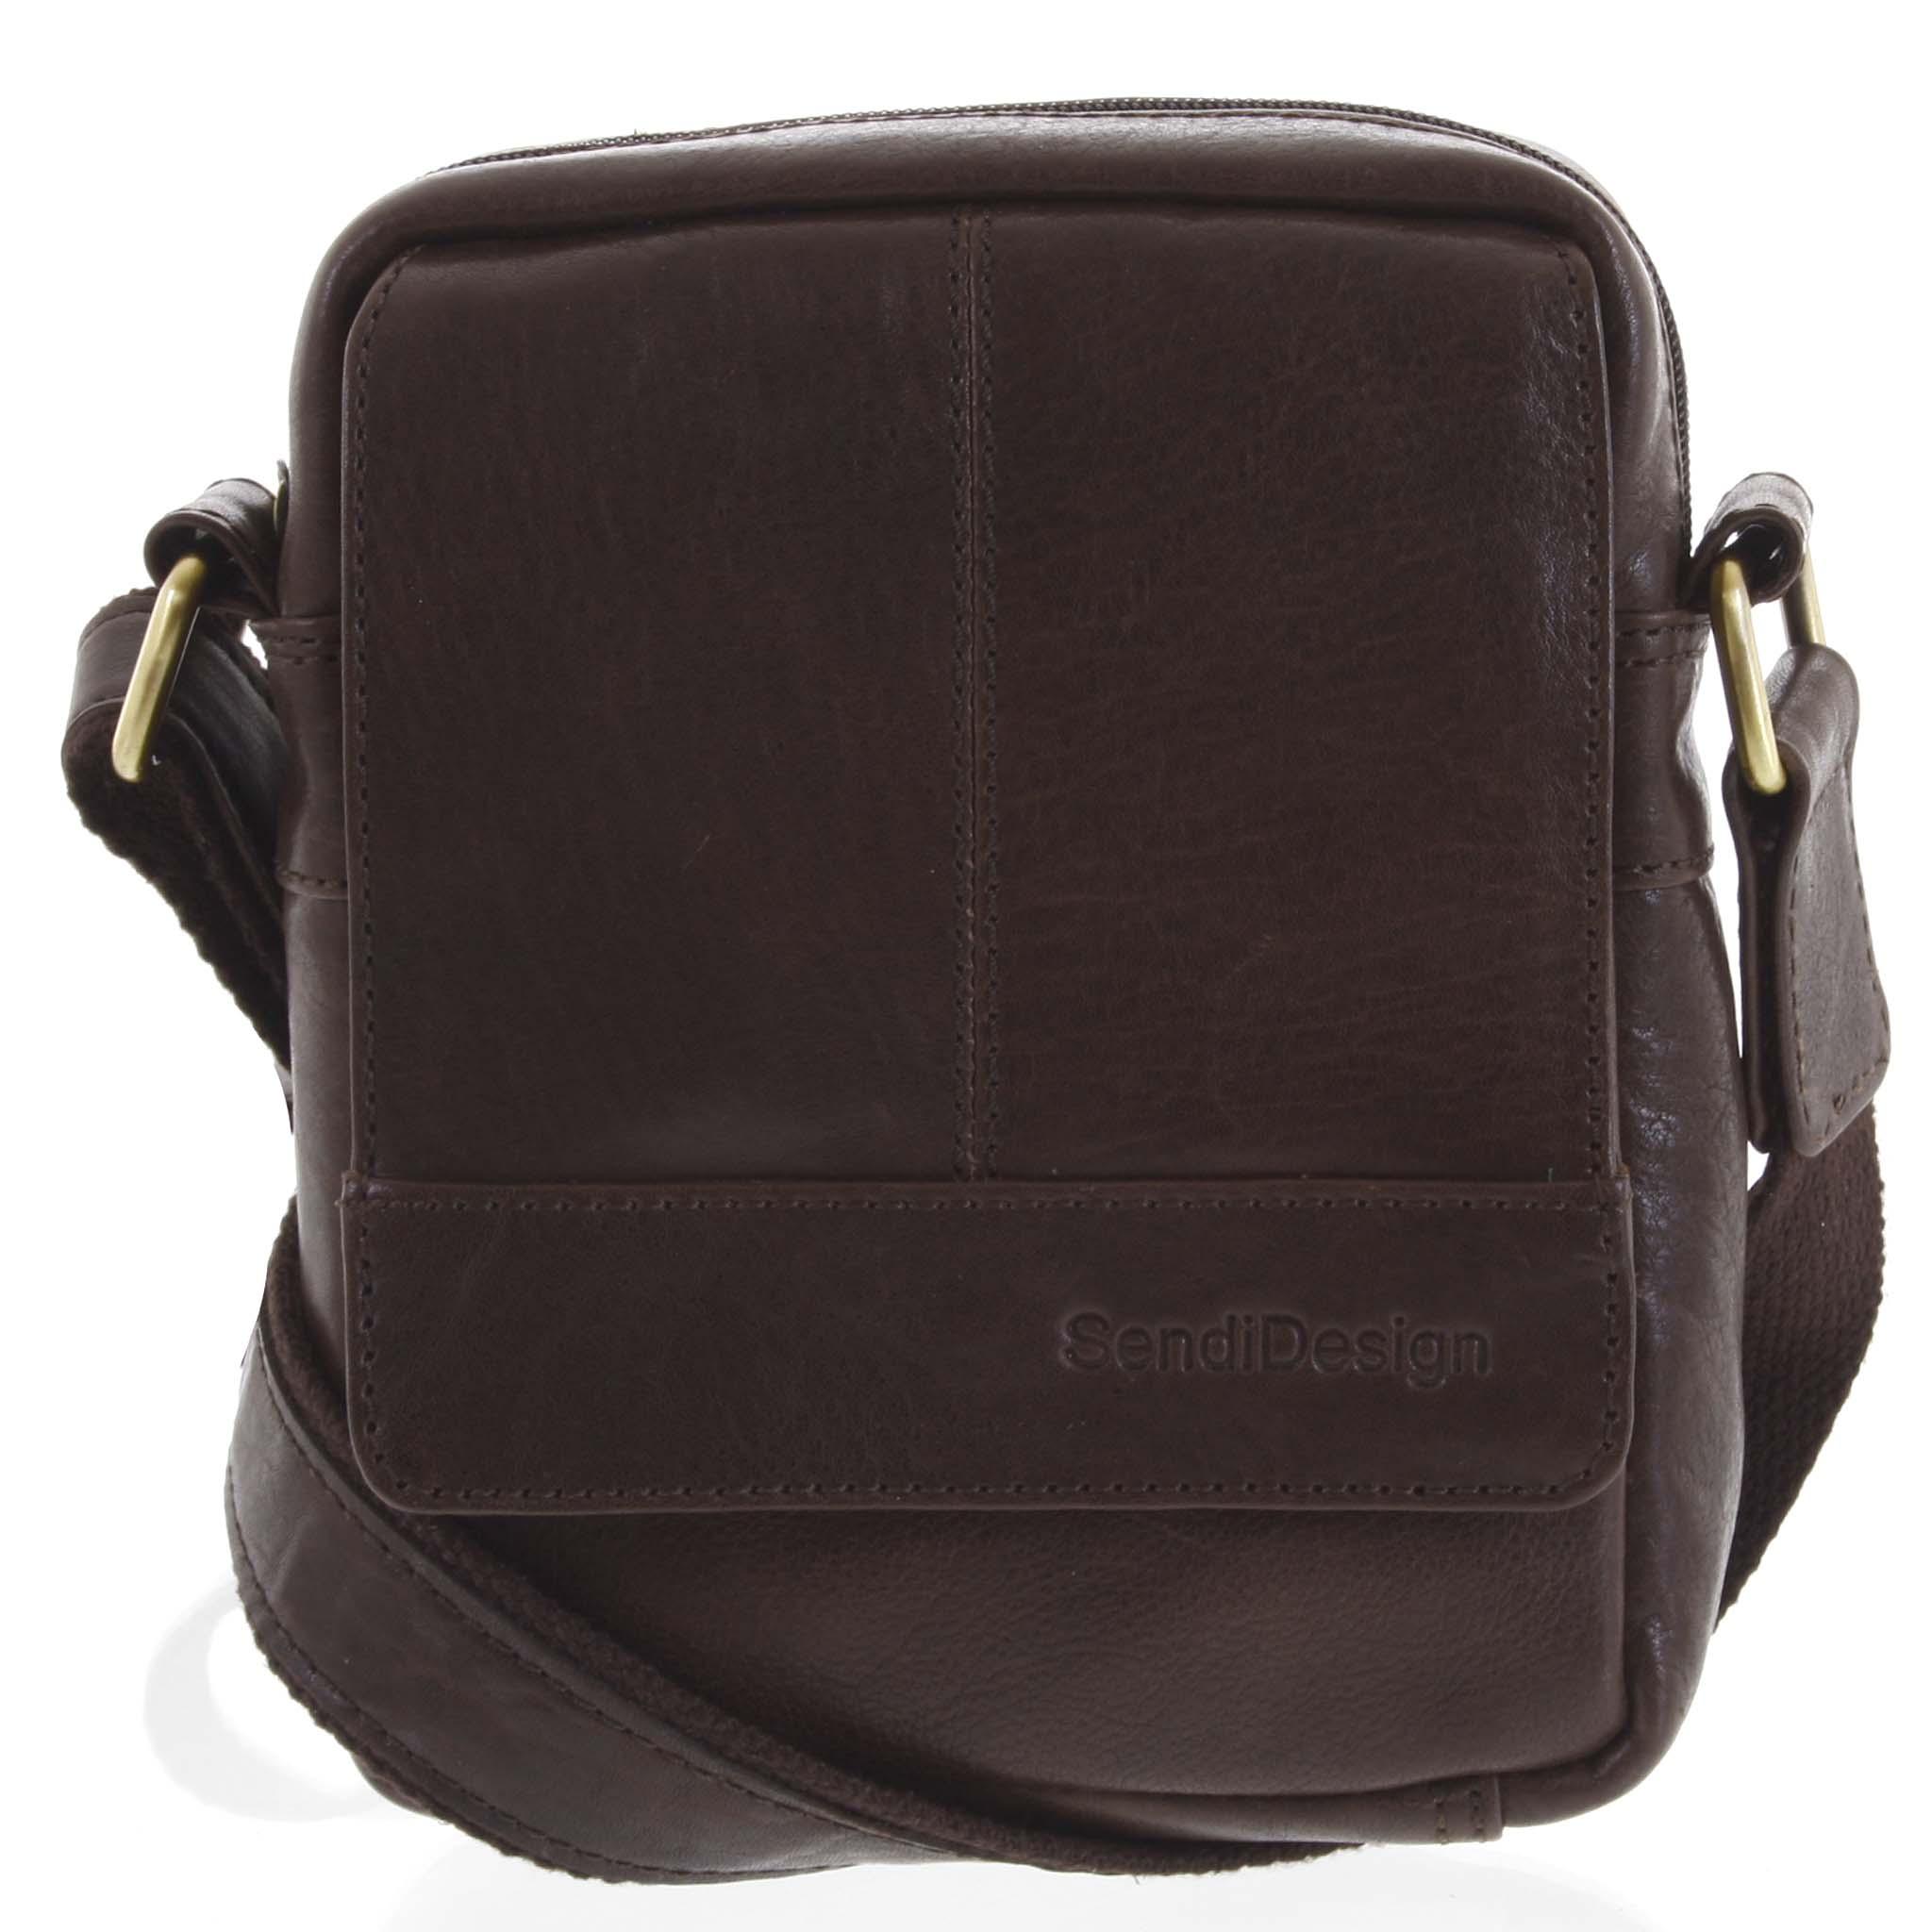 Pánská kožená crossbody taška na doklady tmavě hnědá - SendiDesign Niall